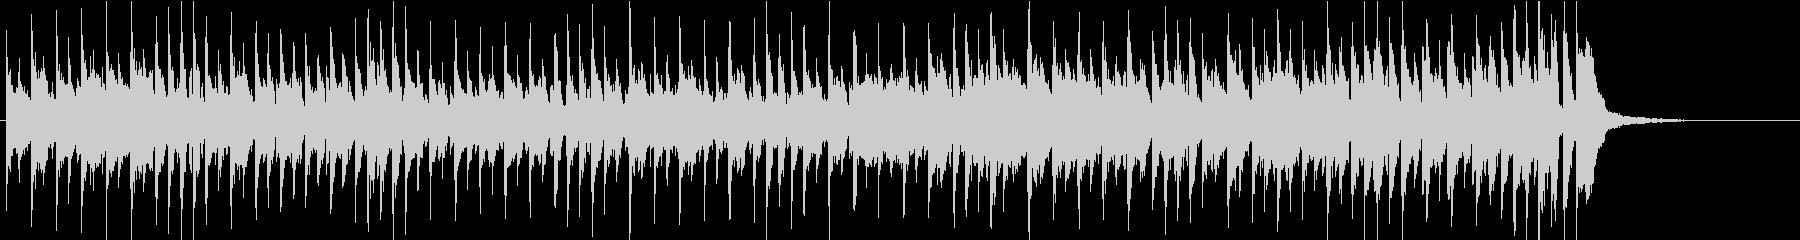 カウボーイドリームの未再生の波形